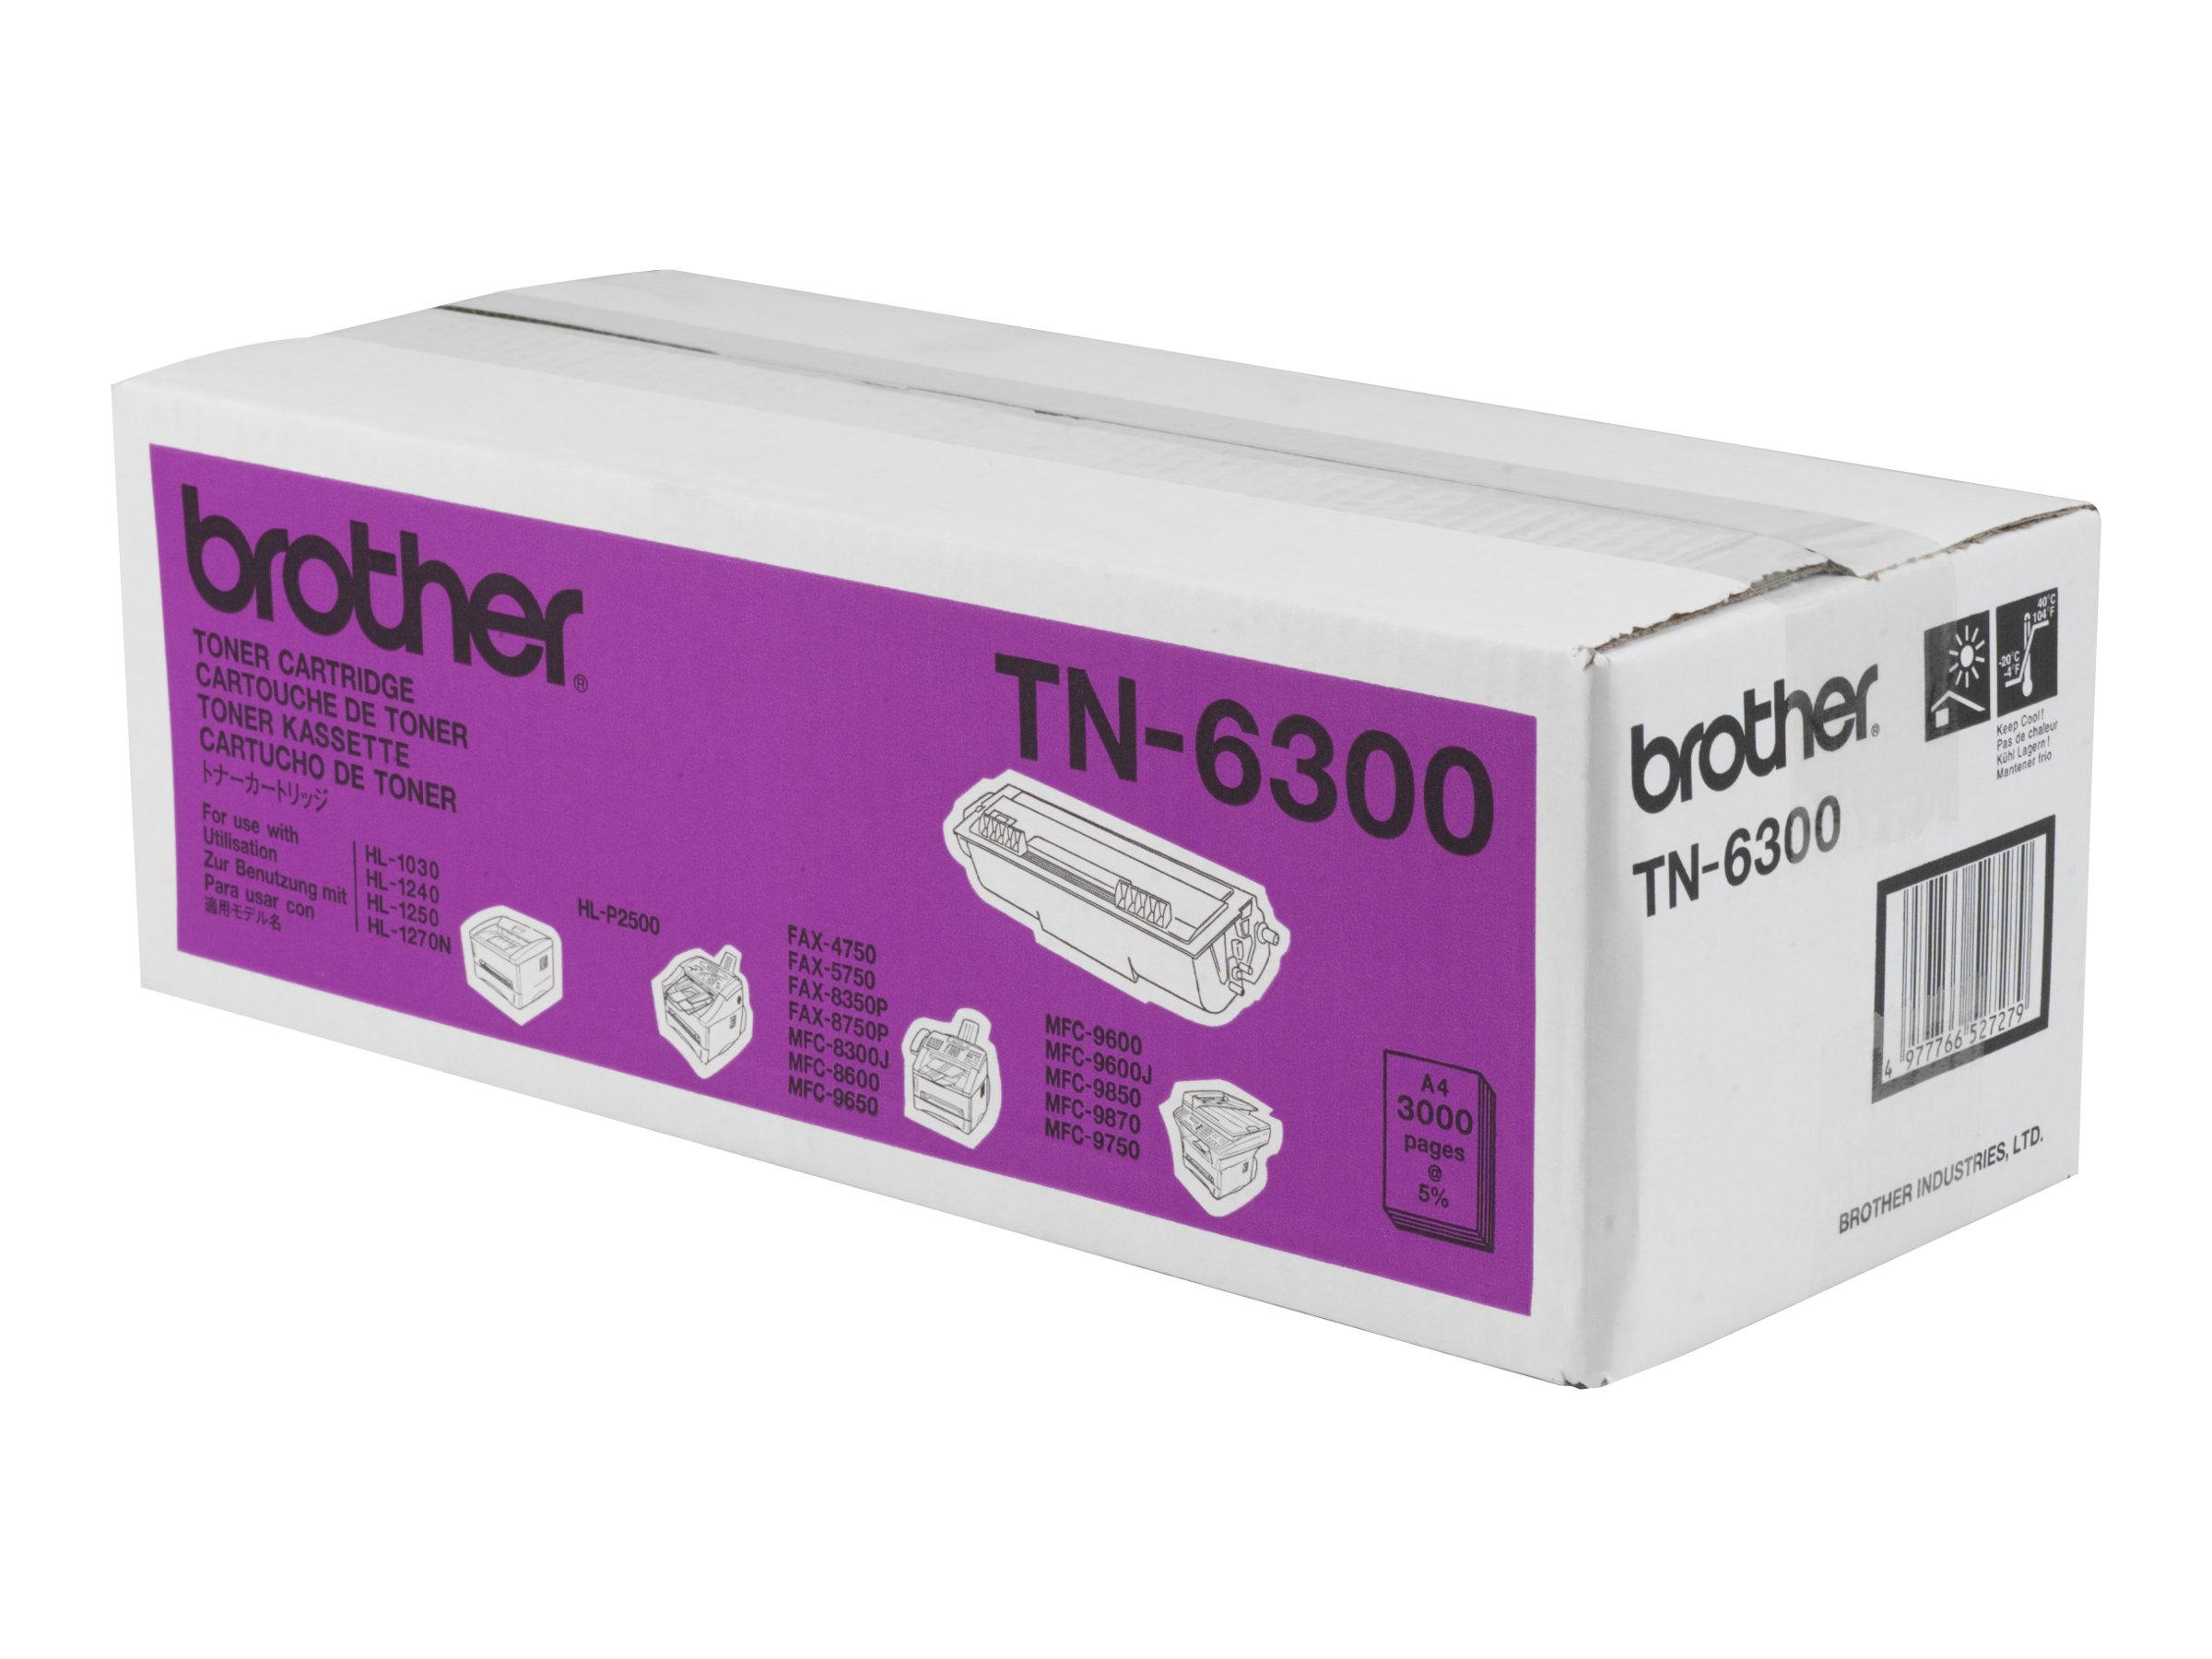 Brother TN6300 - Schwarz - Original - Tonerpatrone - für Brother DCP-1200, HL-1230, 1240, 1250, 1270, 1430, 1440, 1450, 1470, P2